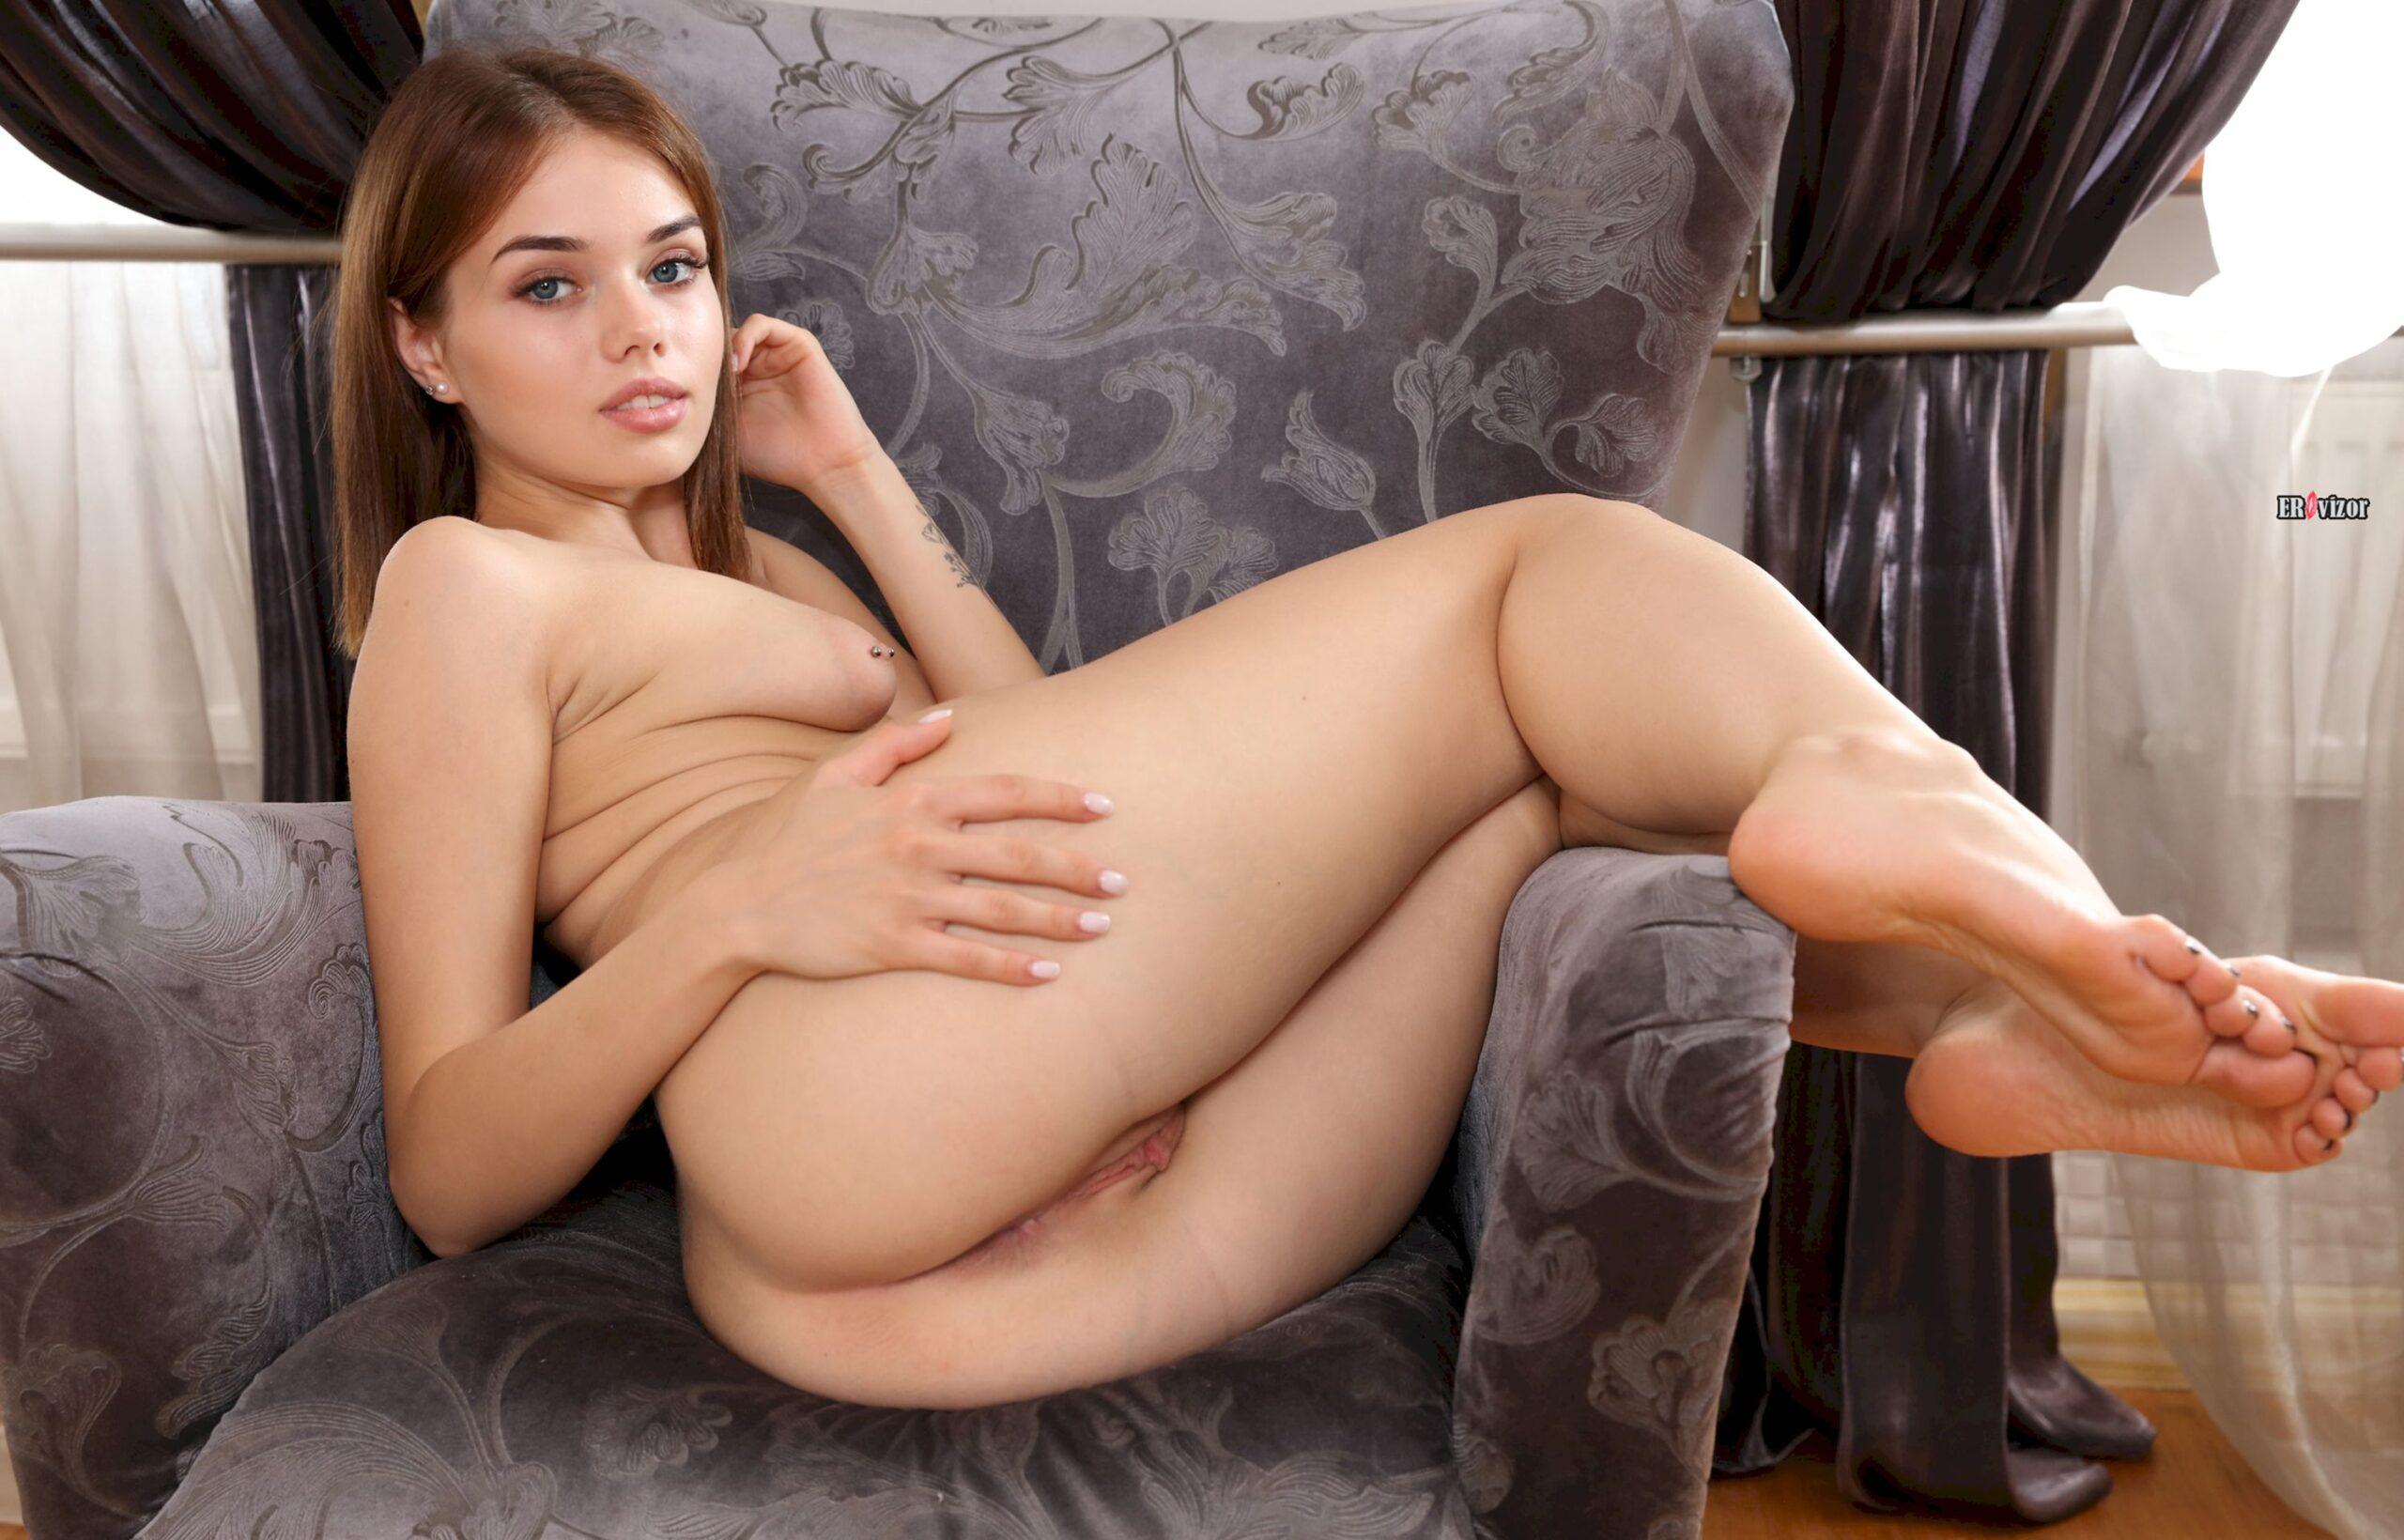 обнаженная модель Keira Blue на кресле